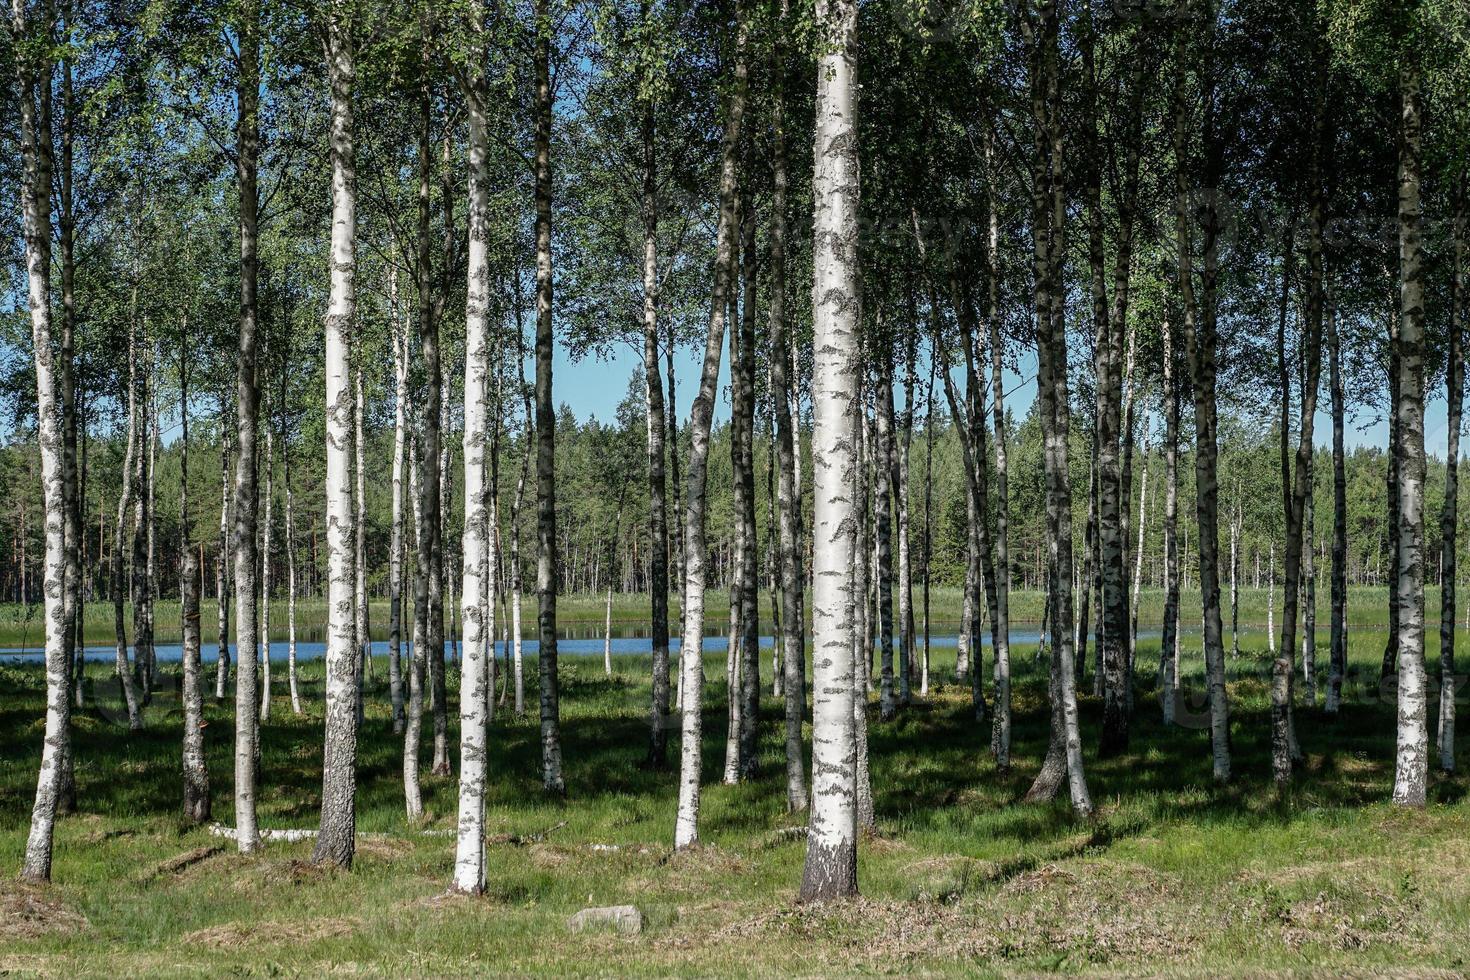 bosco di betulle nel periodo estivo foto